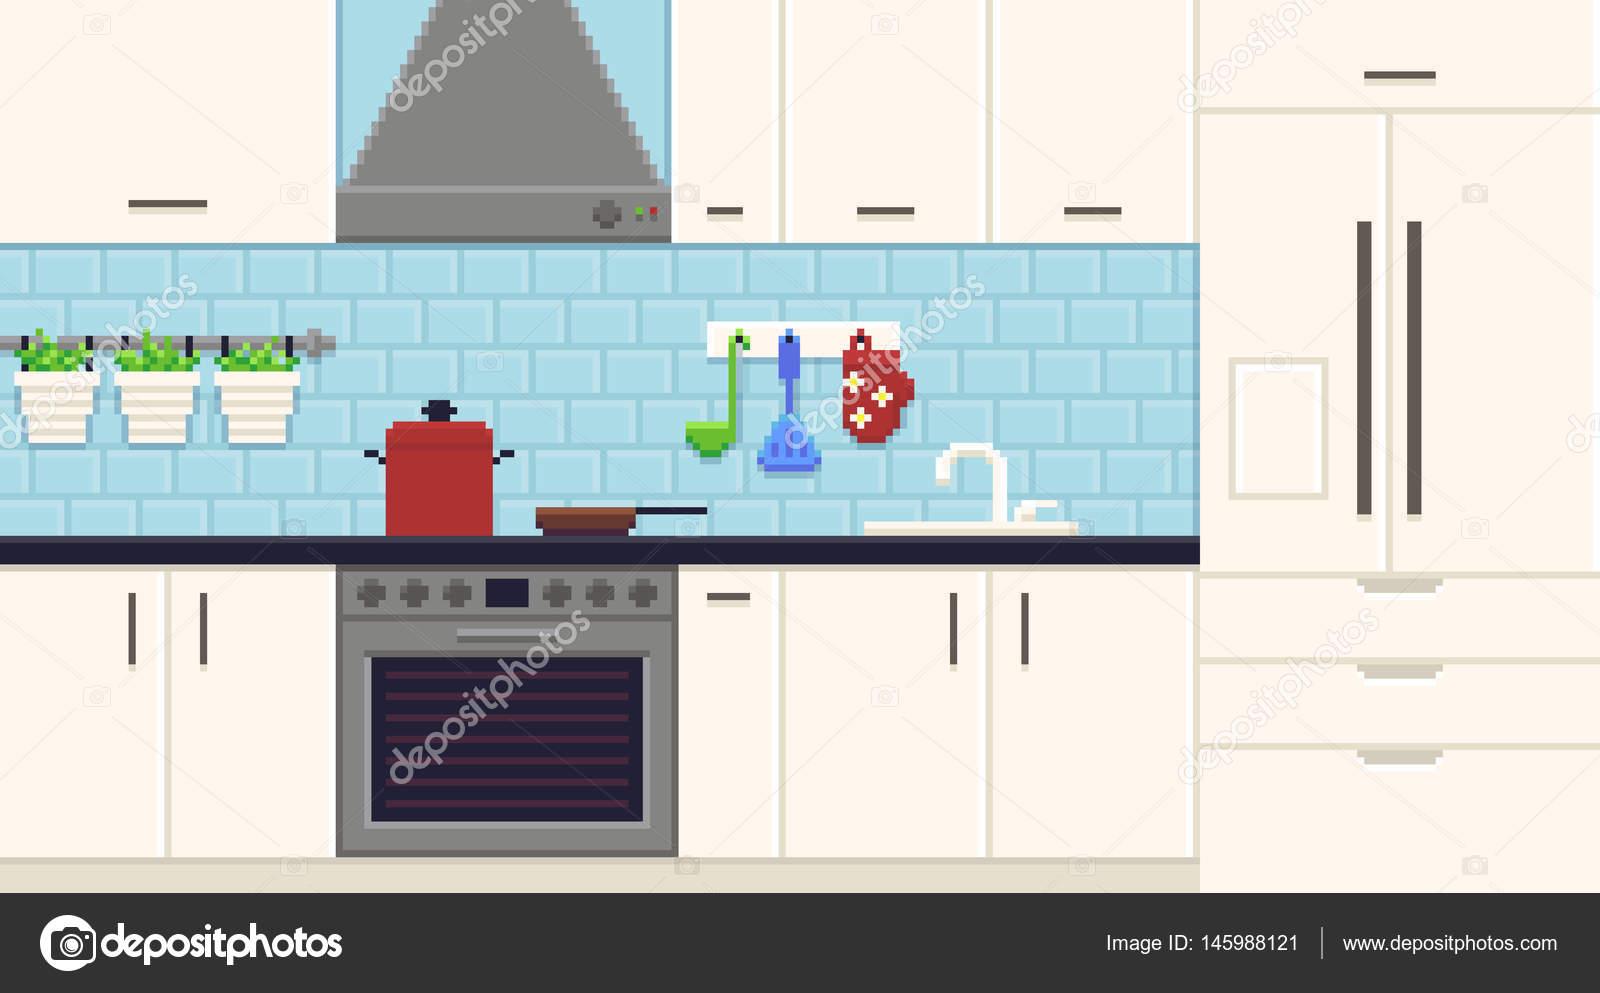 Wspaniały Pixel Art kuchnia — Grafika wektorowa © chuckchee #145988121 KG02